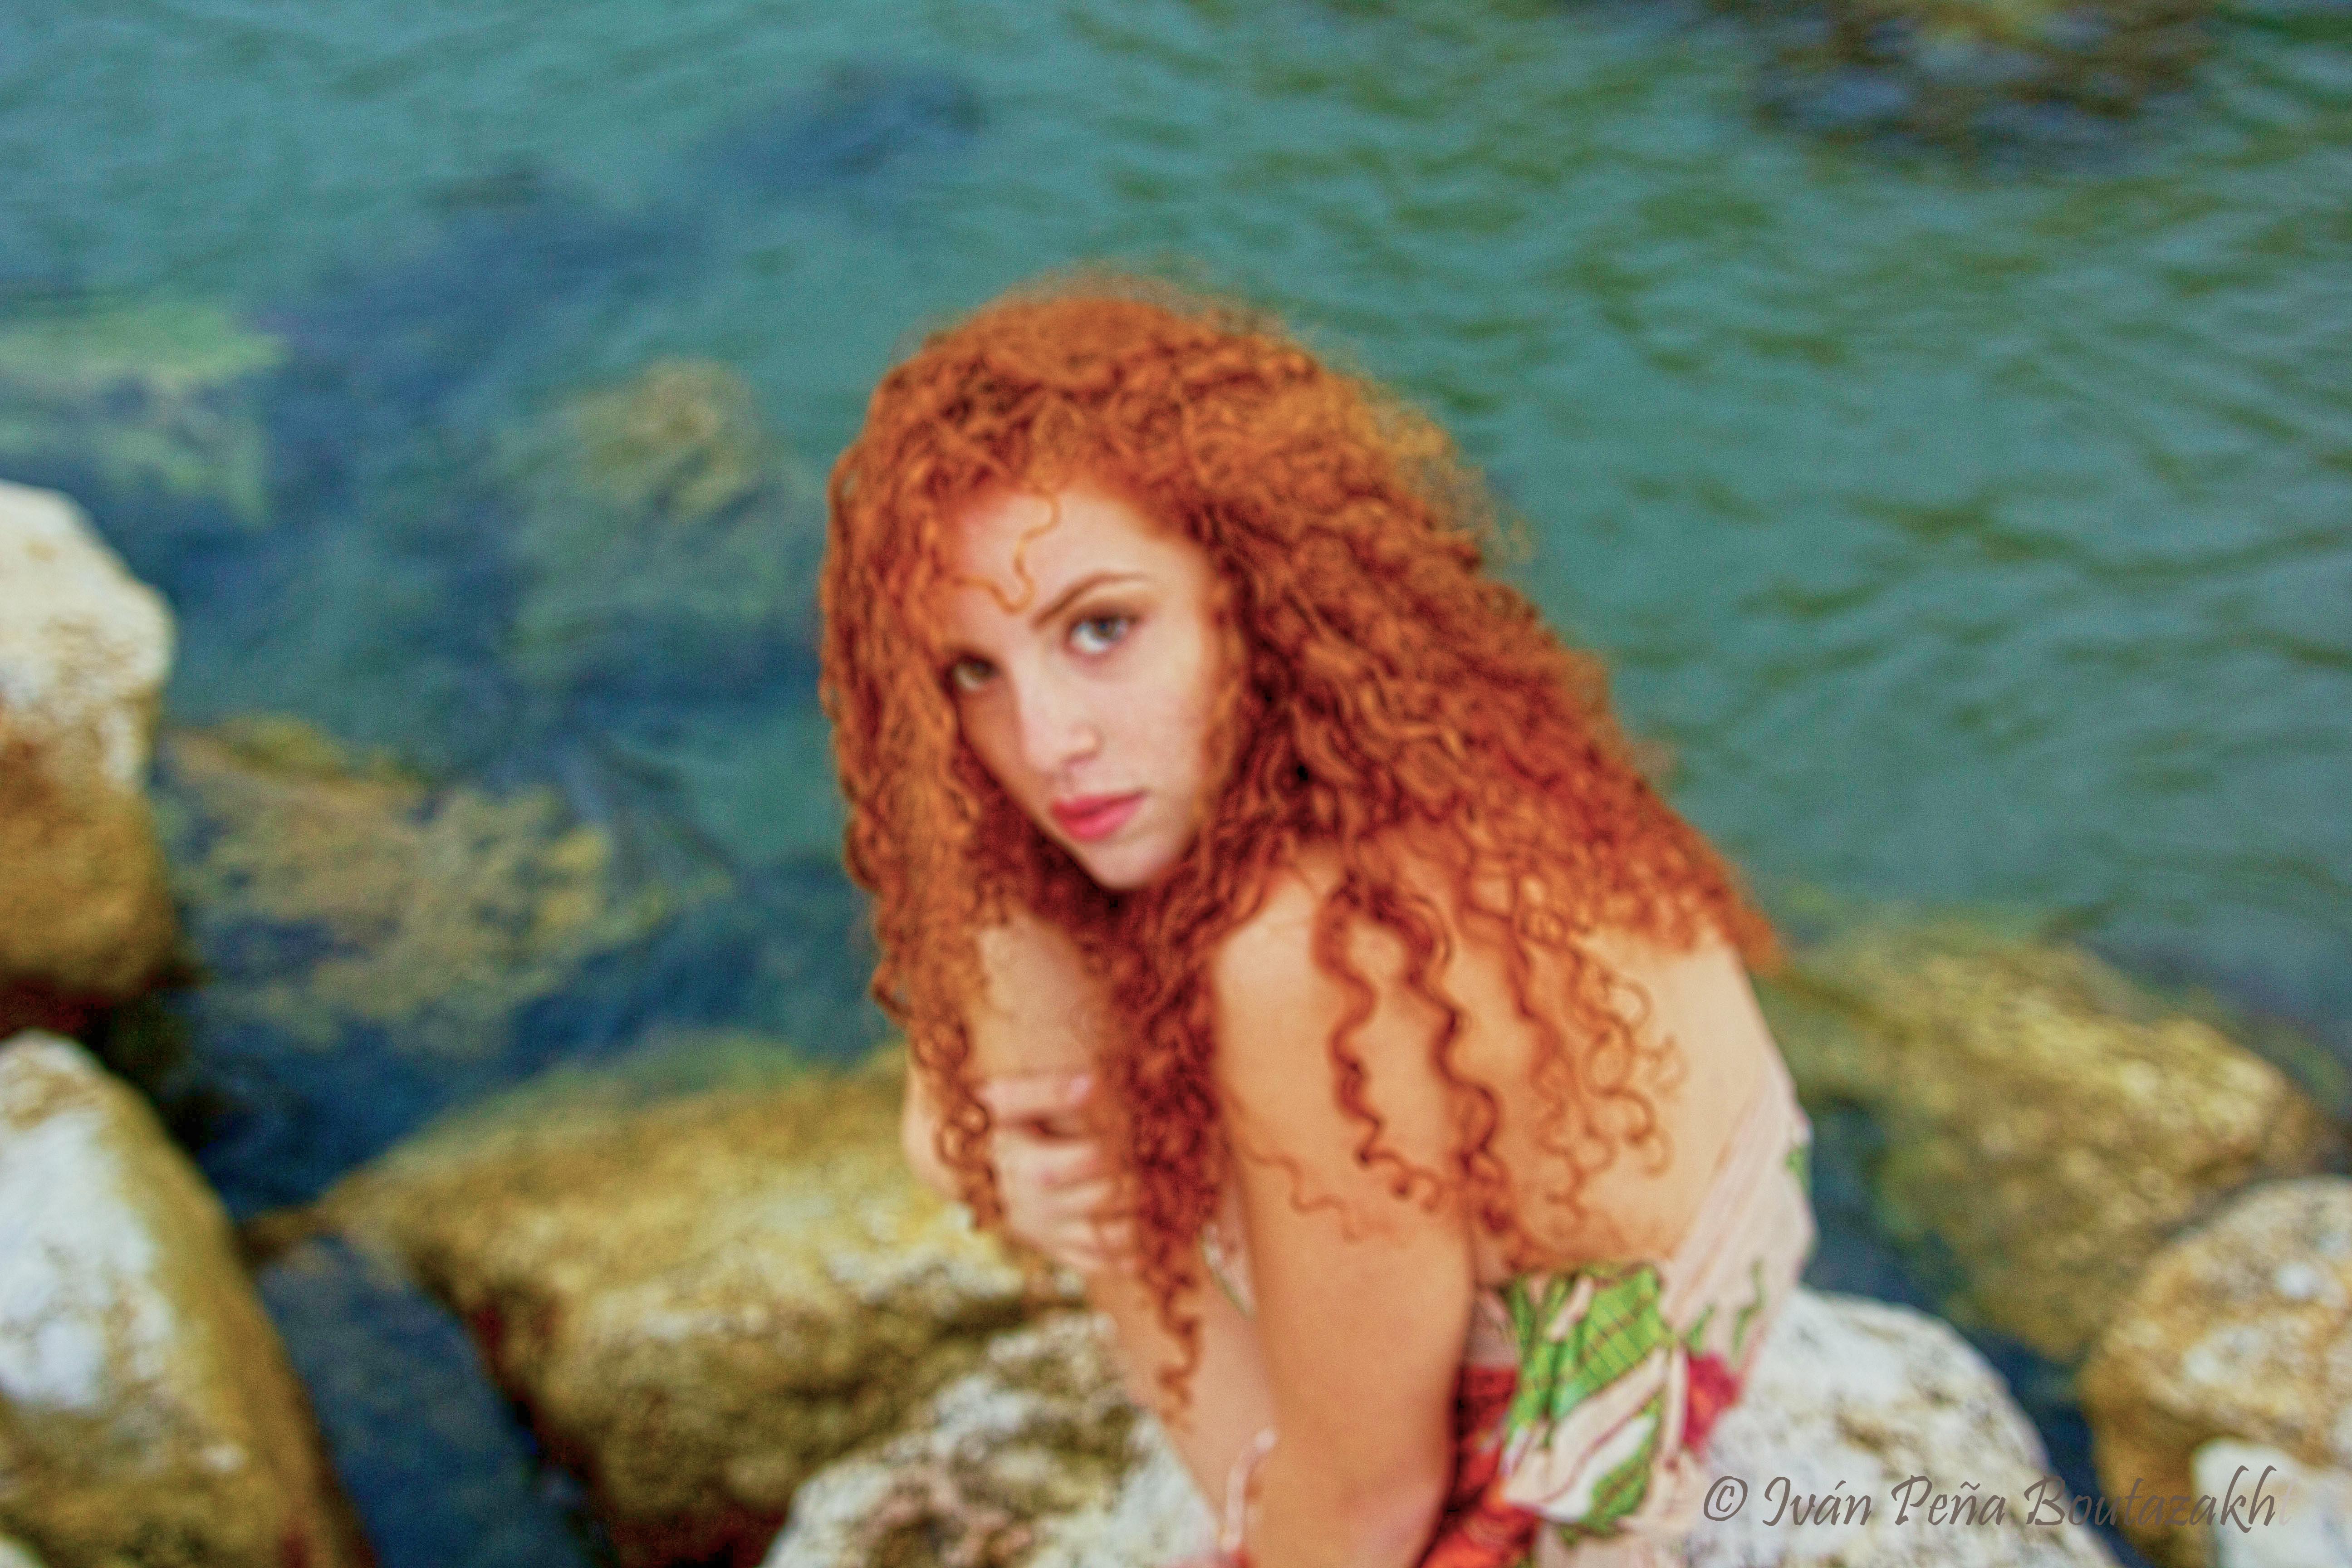 Ginger.